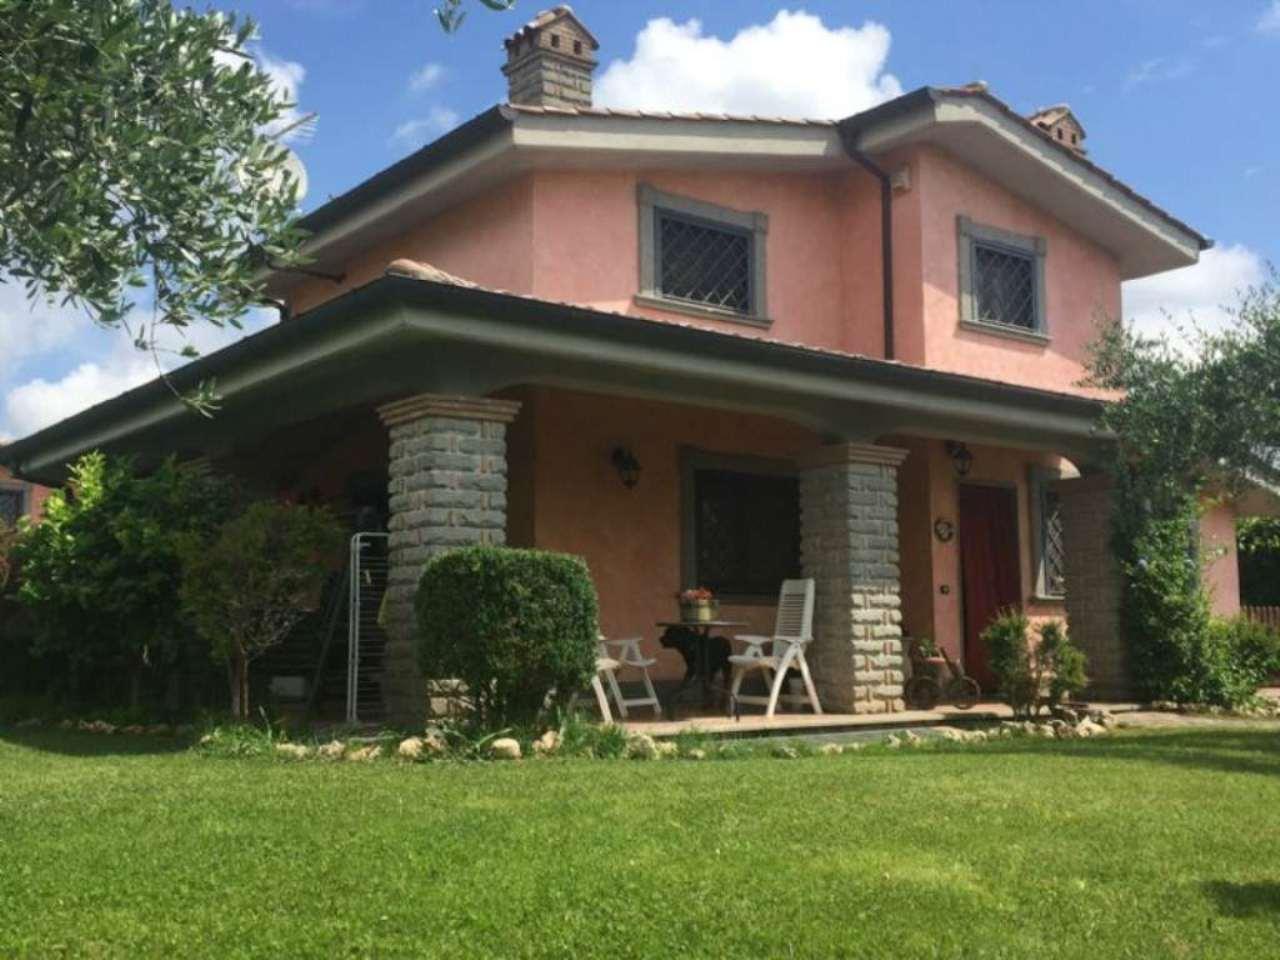 Villa in vendita a Fiano Romano, 7 locali, prezzo € 350.000 | Cambio Casa.it